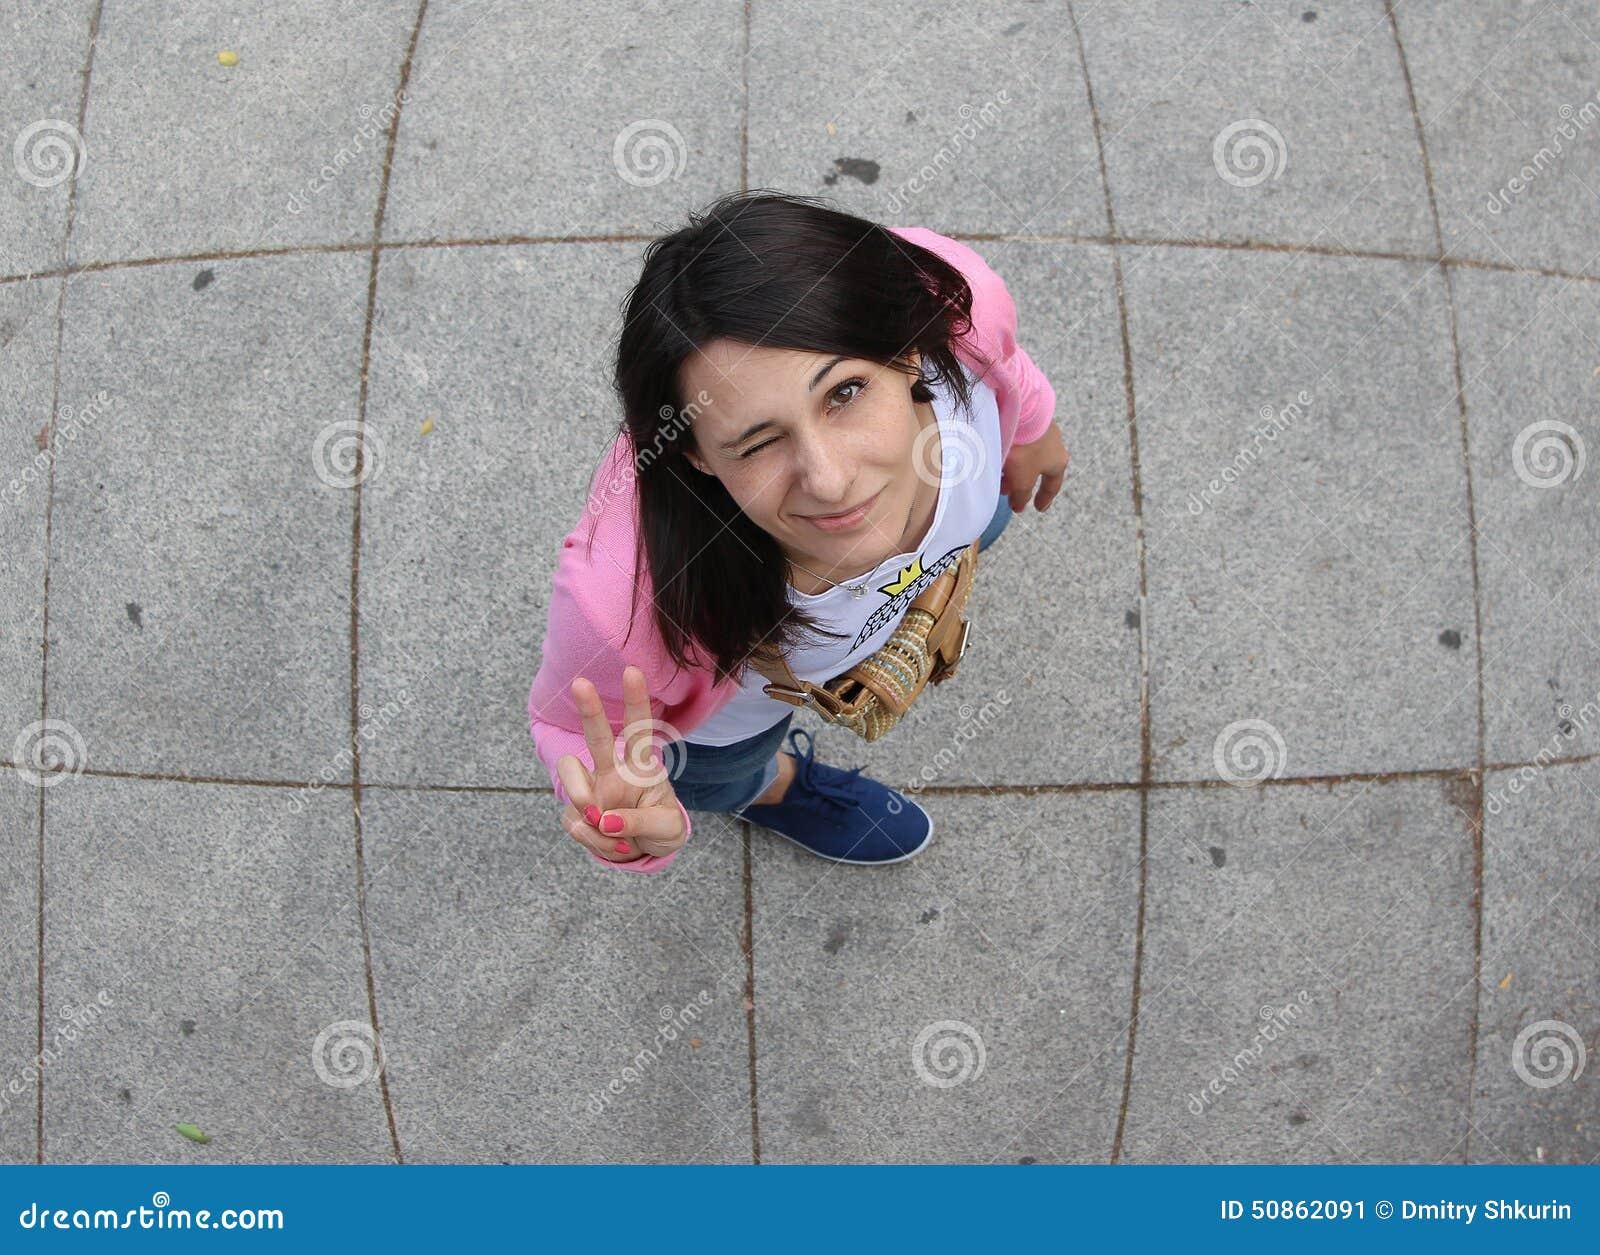 Сверху девушка фото 22 фотография